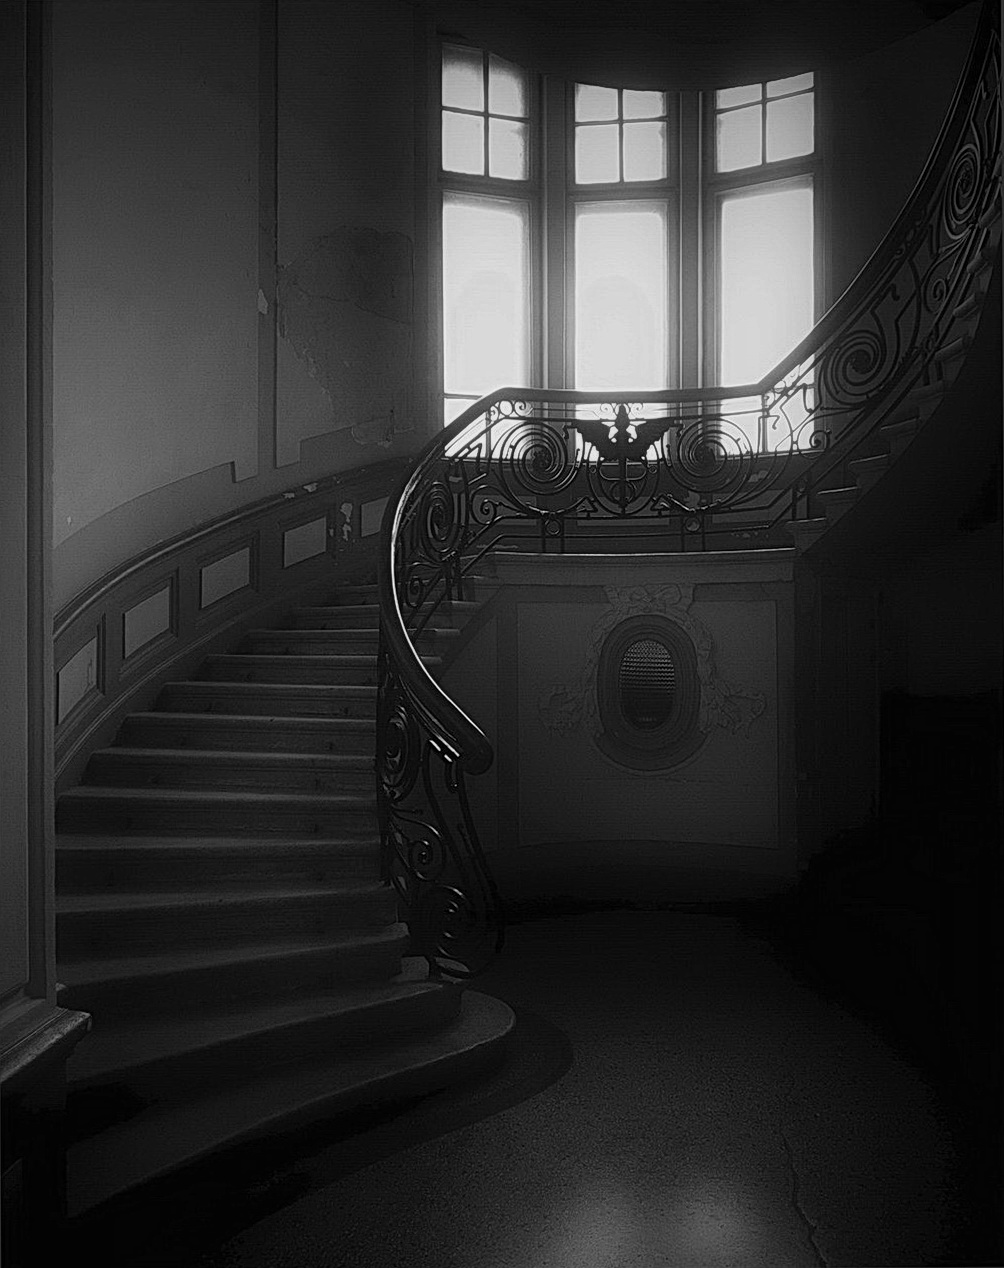 Търговската камара...първата ! Интериор | Author dim  - dimiliev | PHOTO FORUM